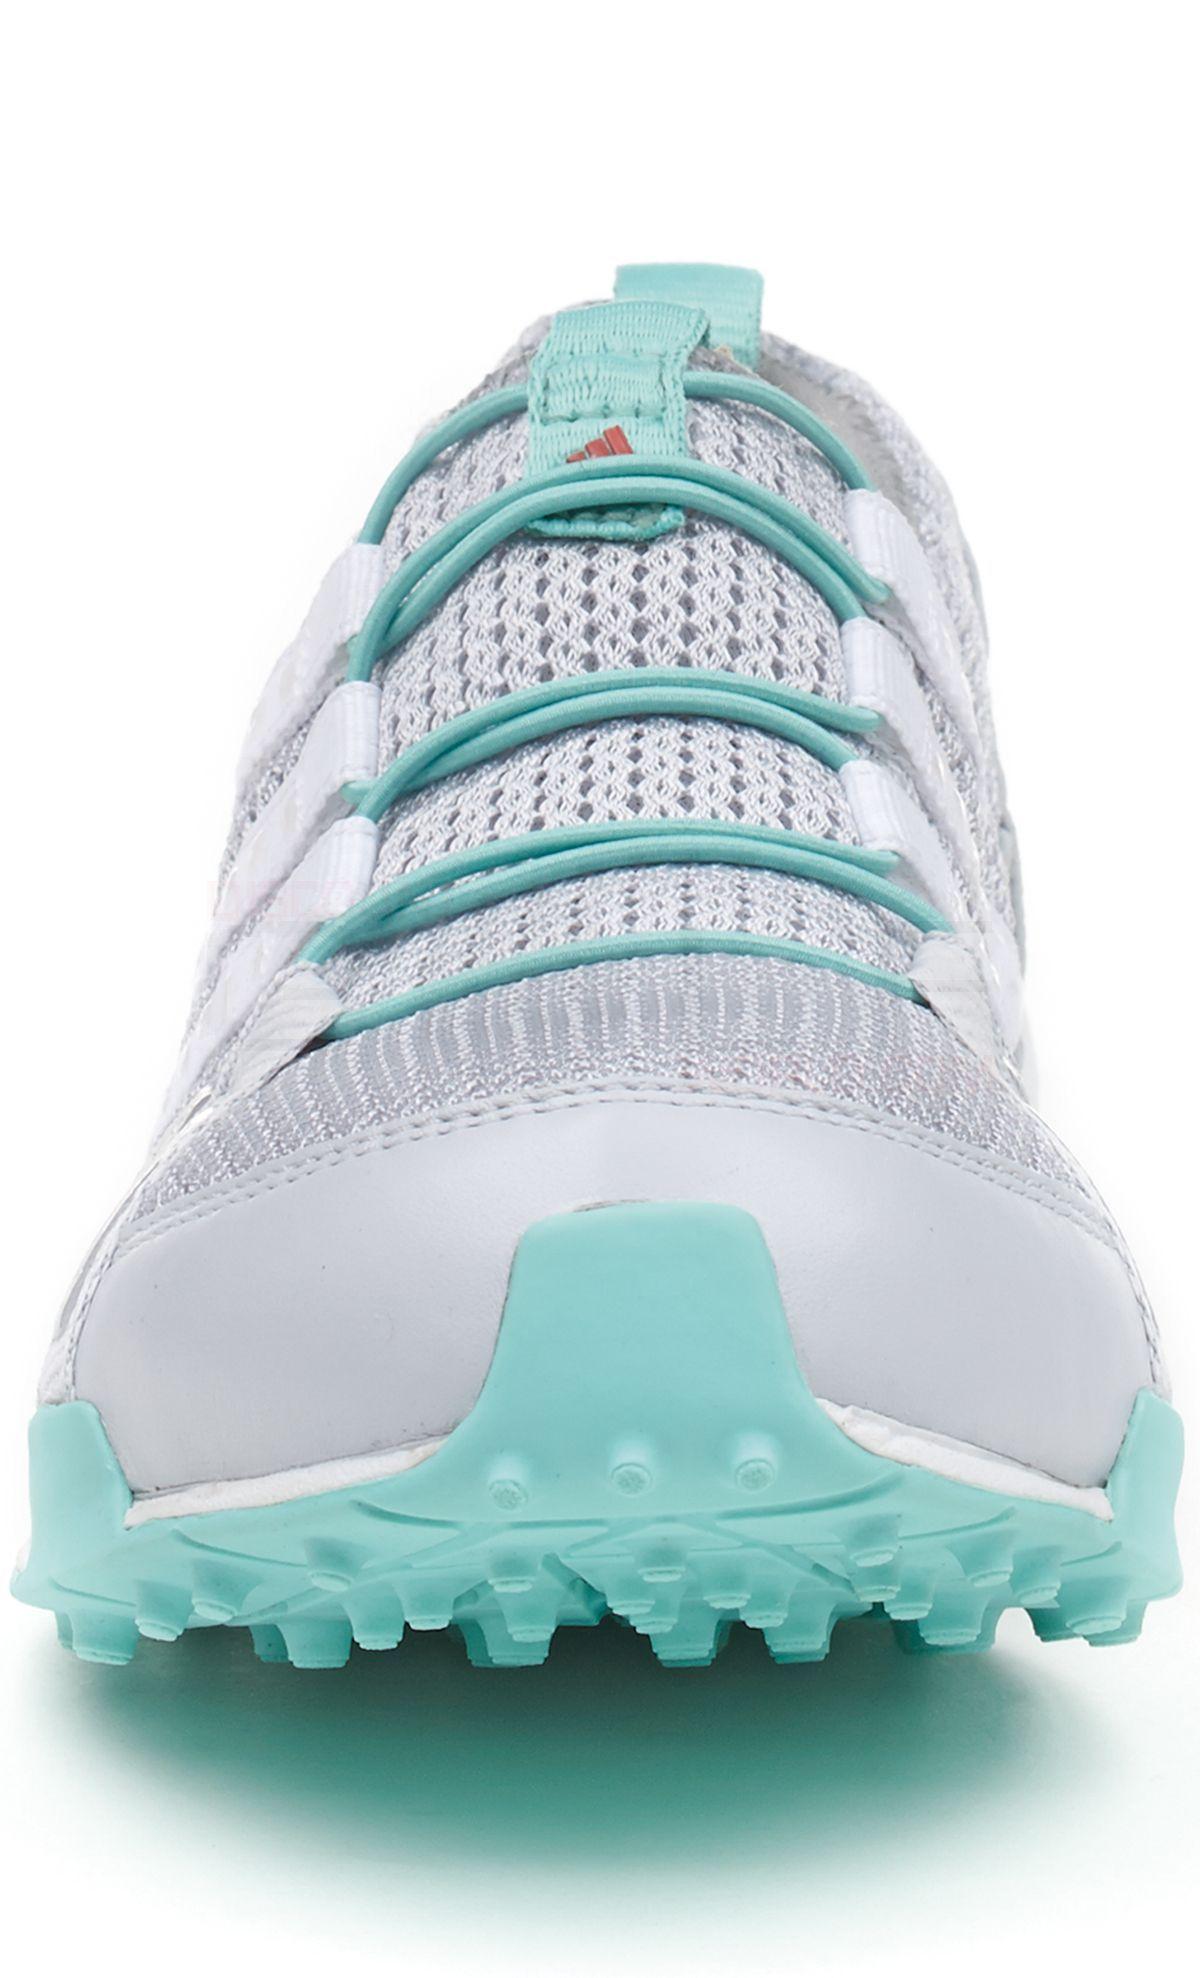 best service 9e9ae 0590a Adidas Women s Climacool Ballerina Spikeless Shoe   Discount Golf World